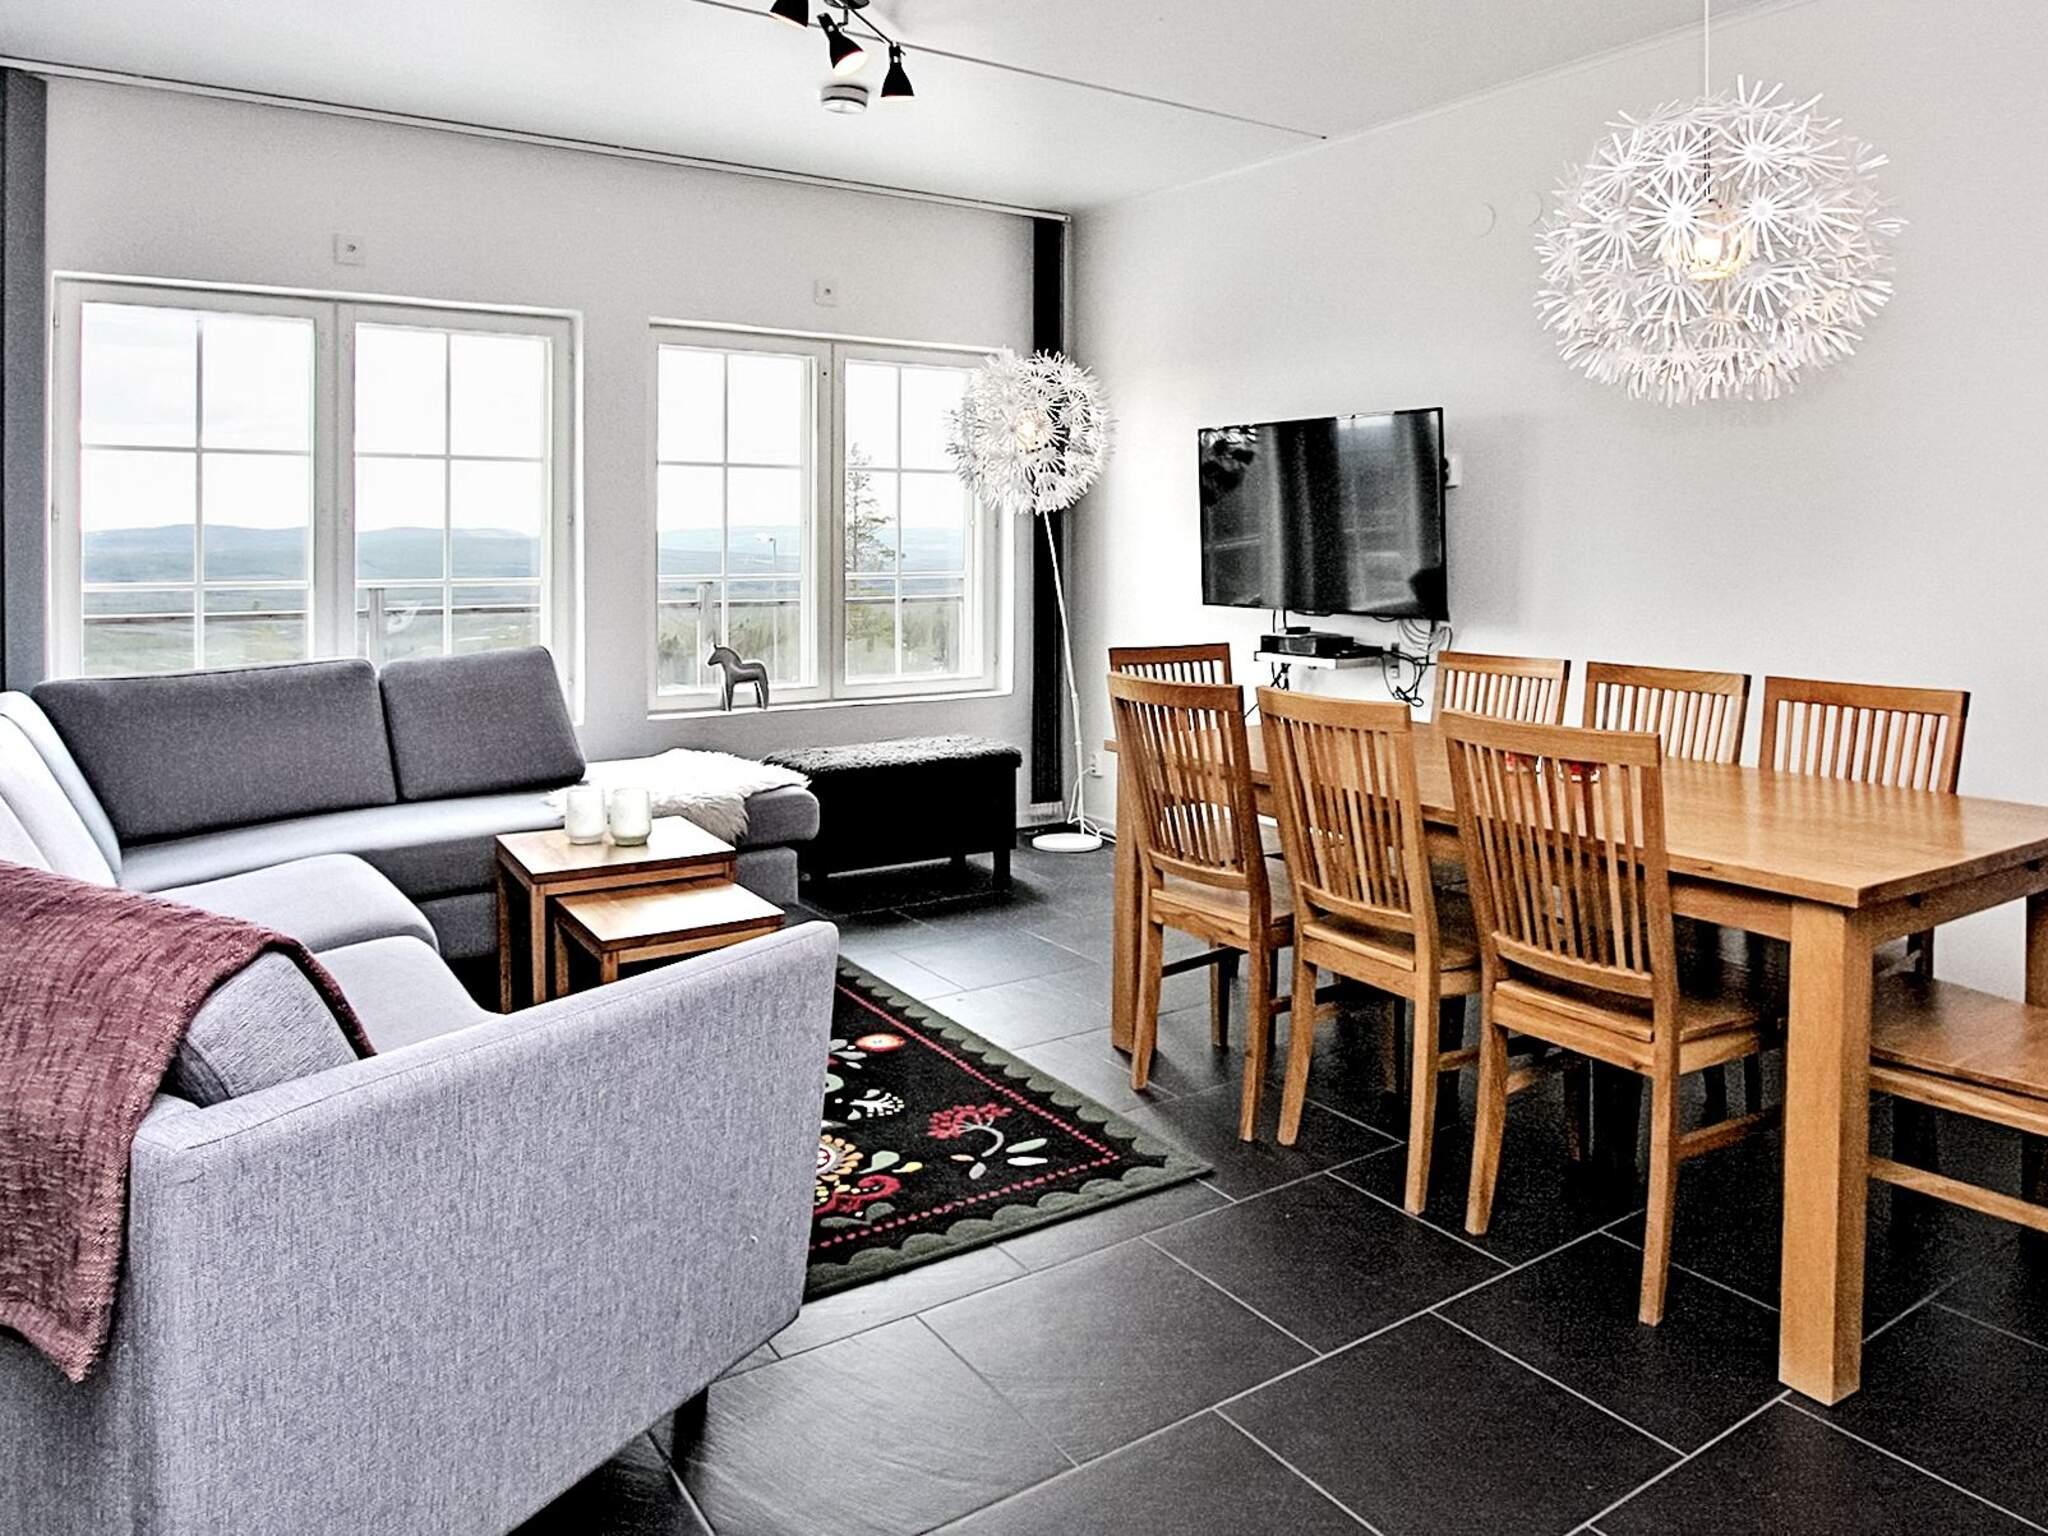 Ferienhaus Vemdalen (2744399), Vemdalen, Jämtlands län, Nordschweden, Schweden, Bild 2